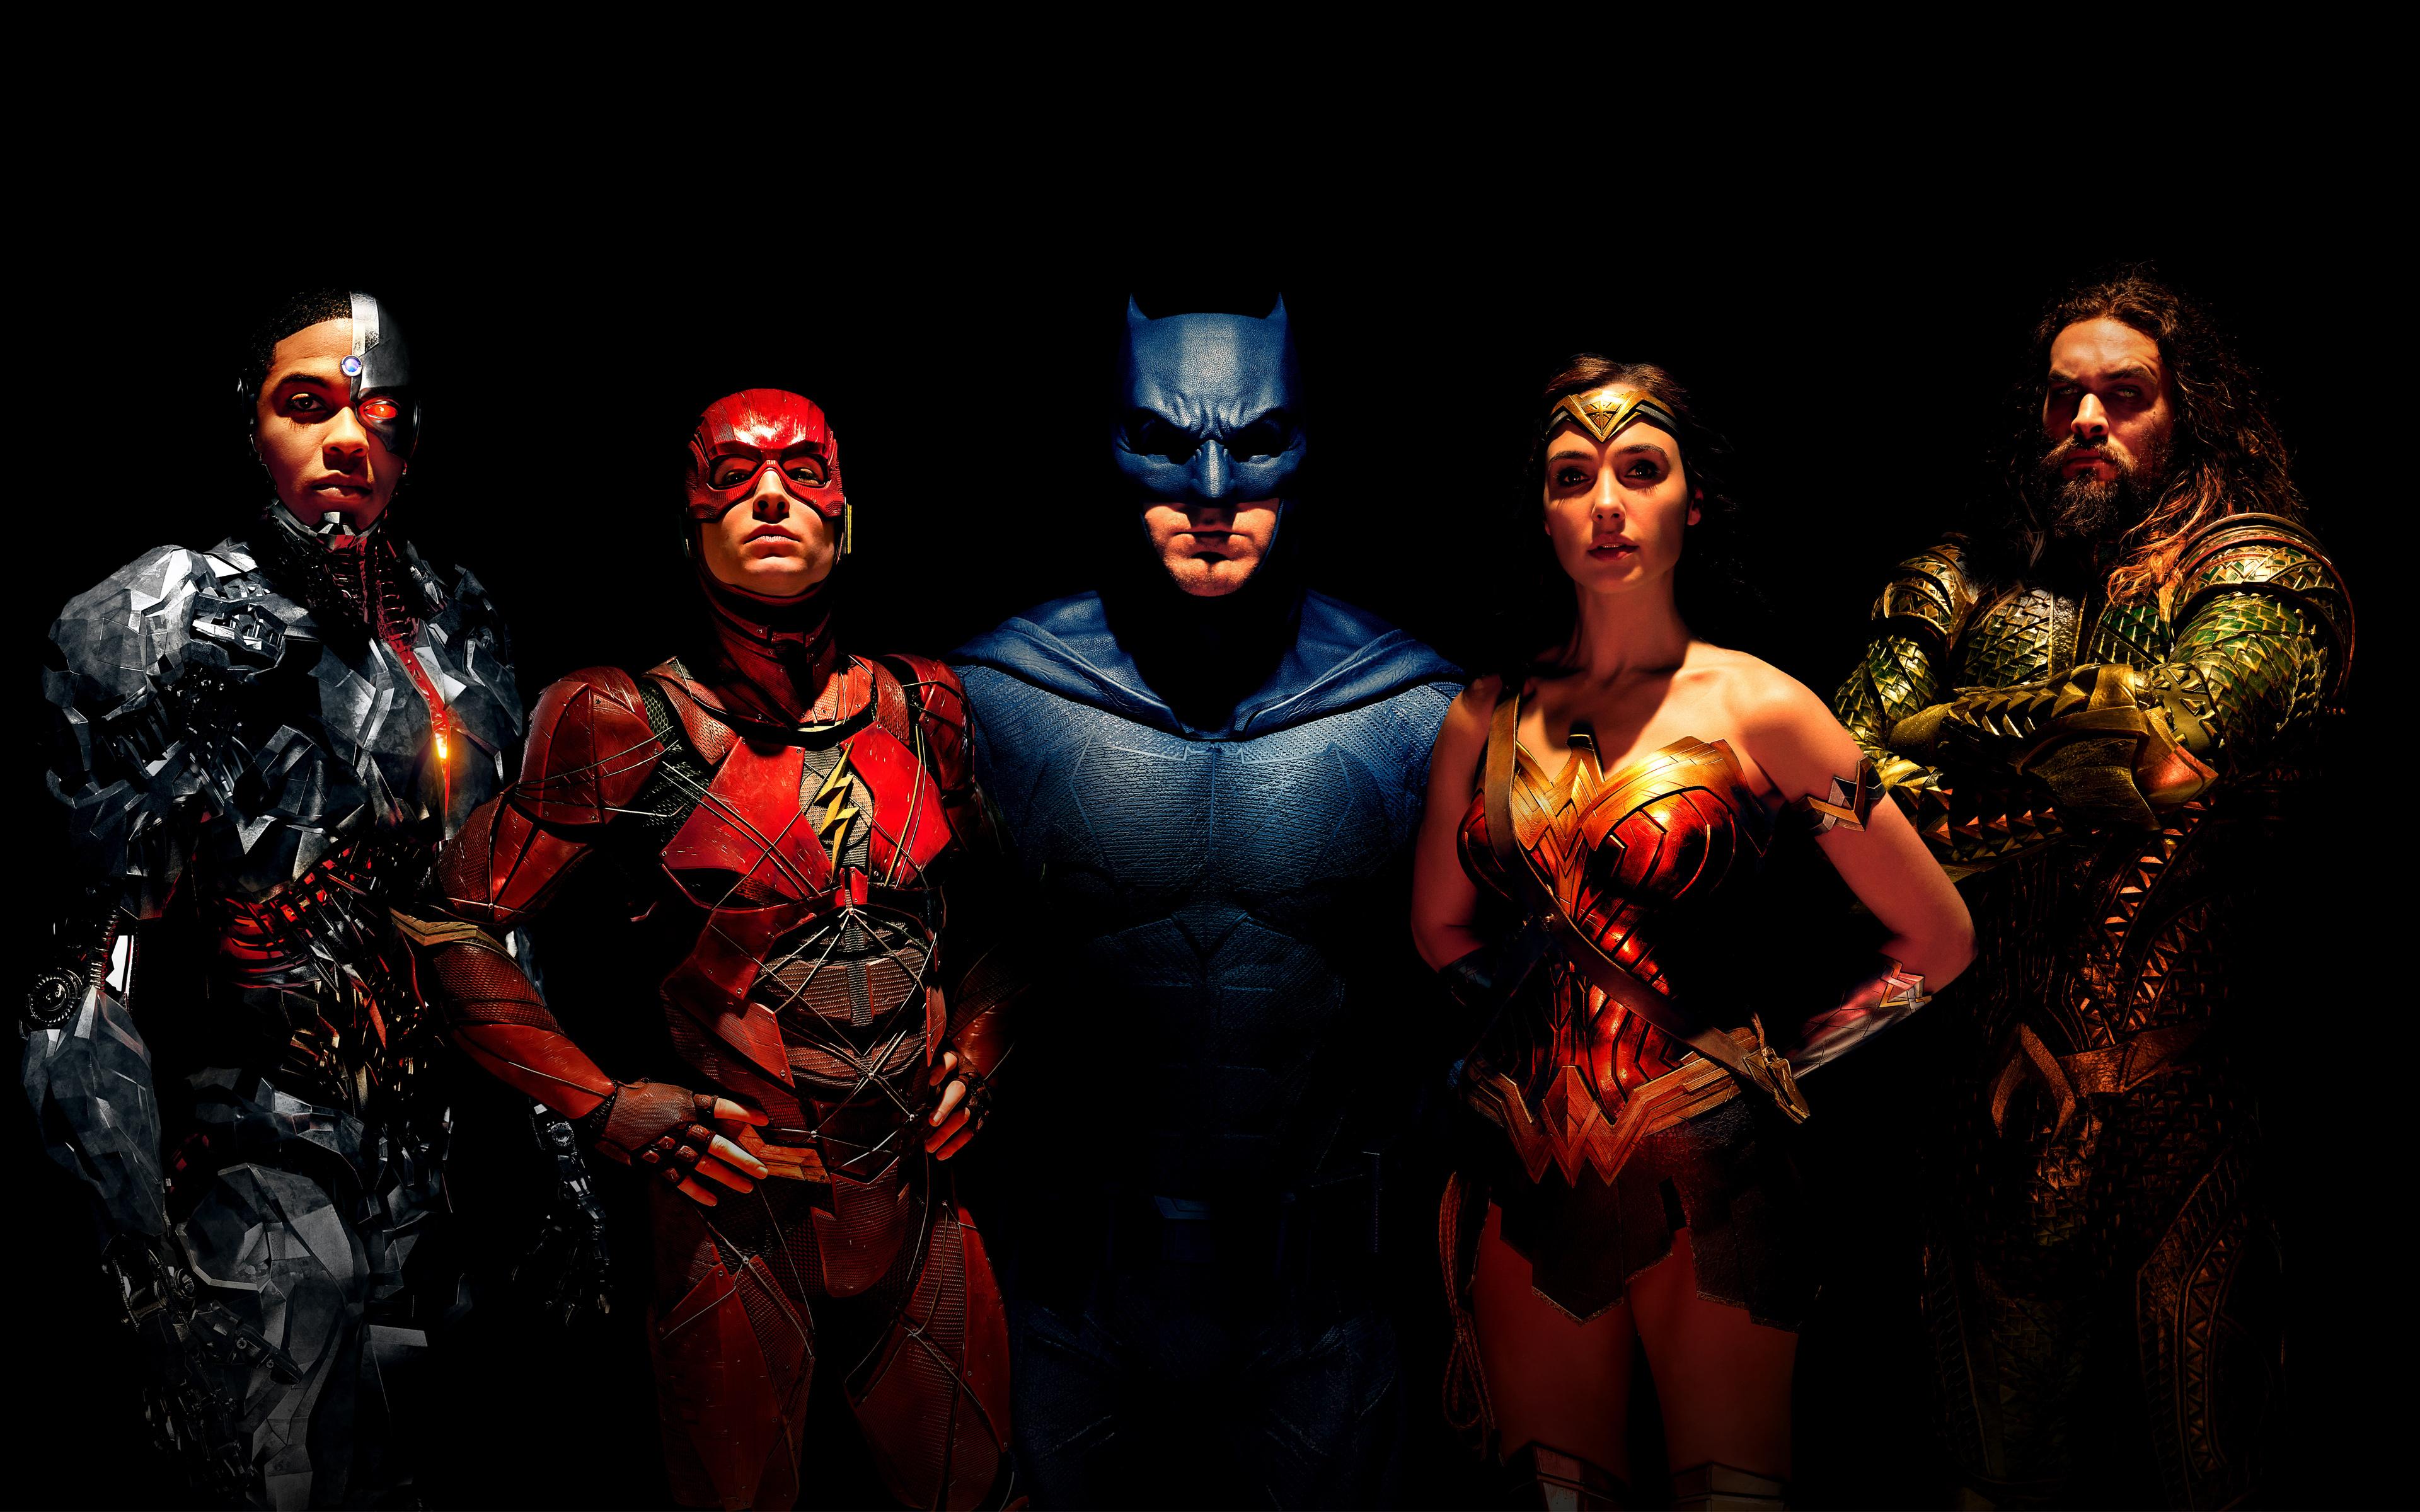 Justice League 2017 4k Unite The D9